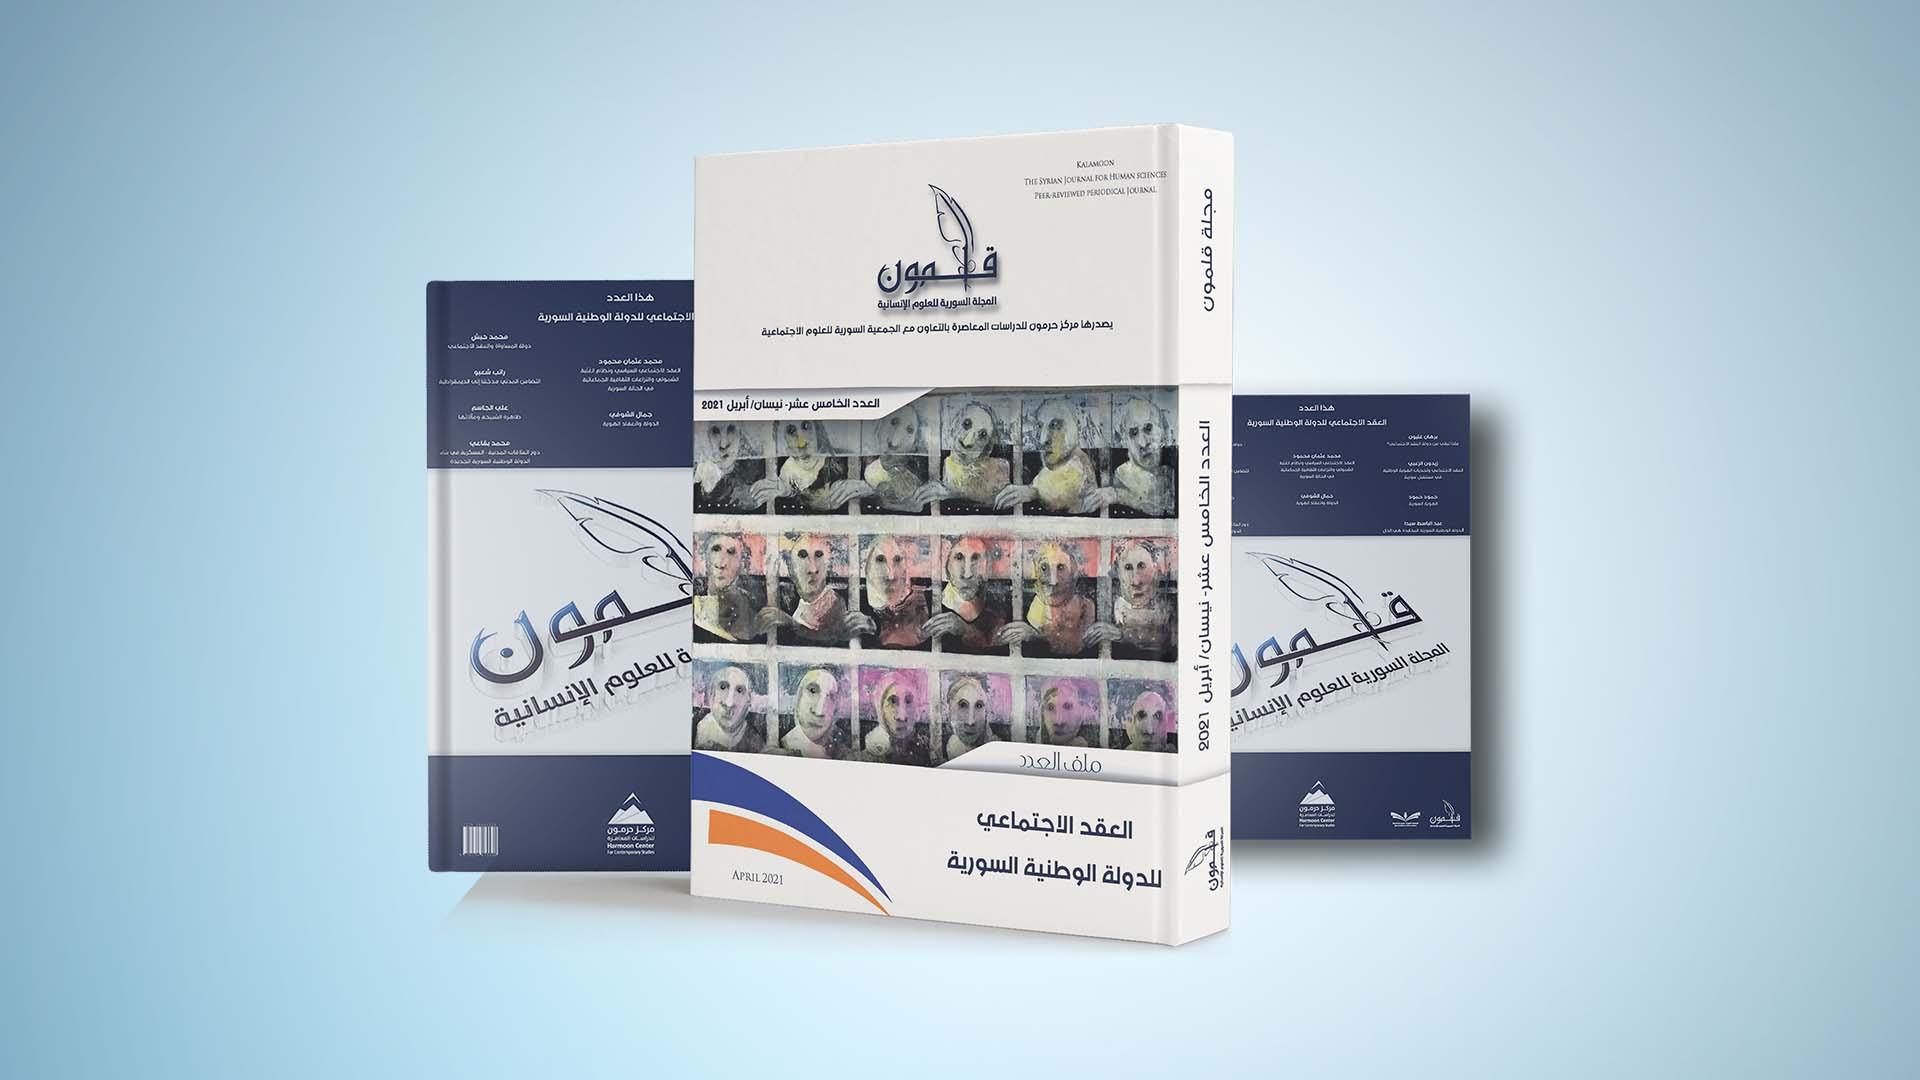 """صدور العدد الخامس عشر من مجلة قلمون بعنوان """"العقد الاجتماعي للدولة الوطنية السورية"""""""